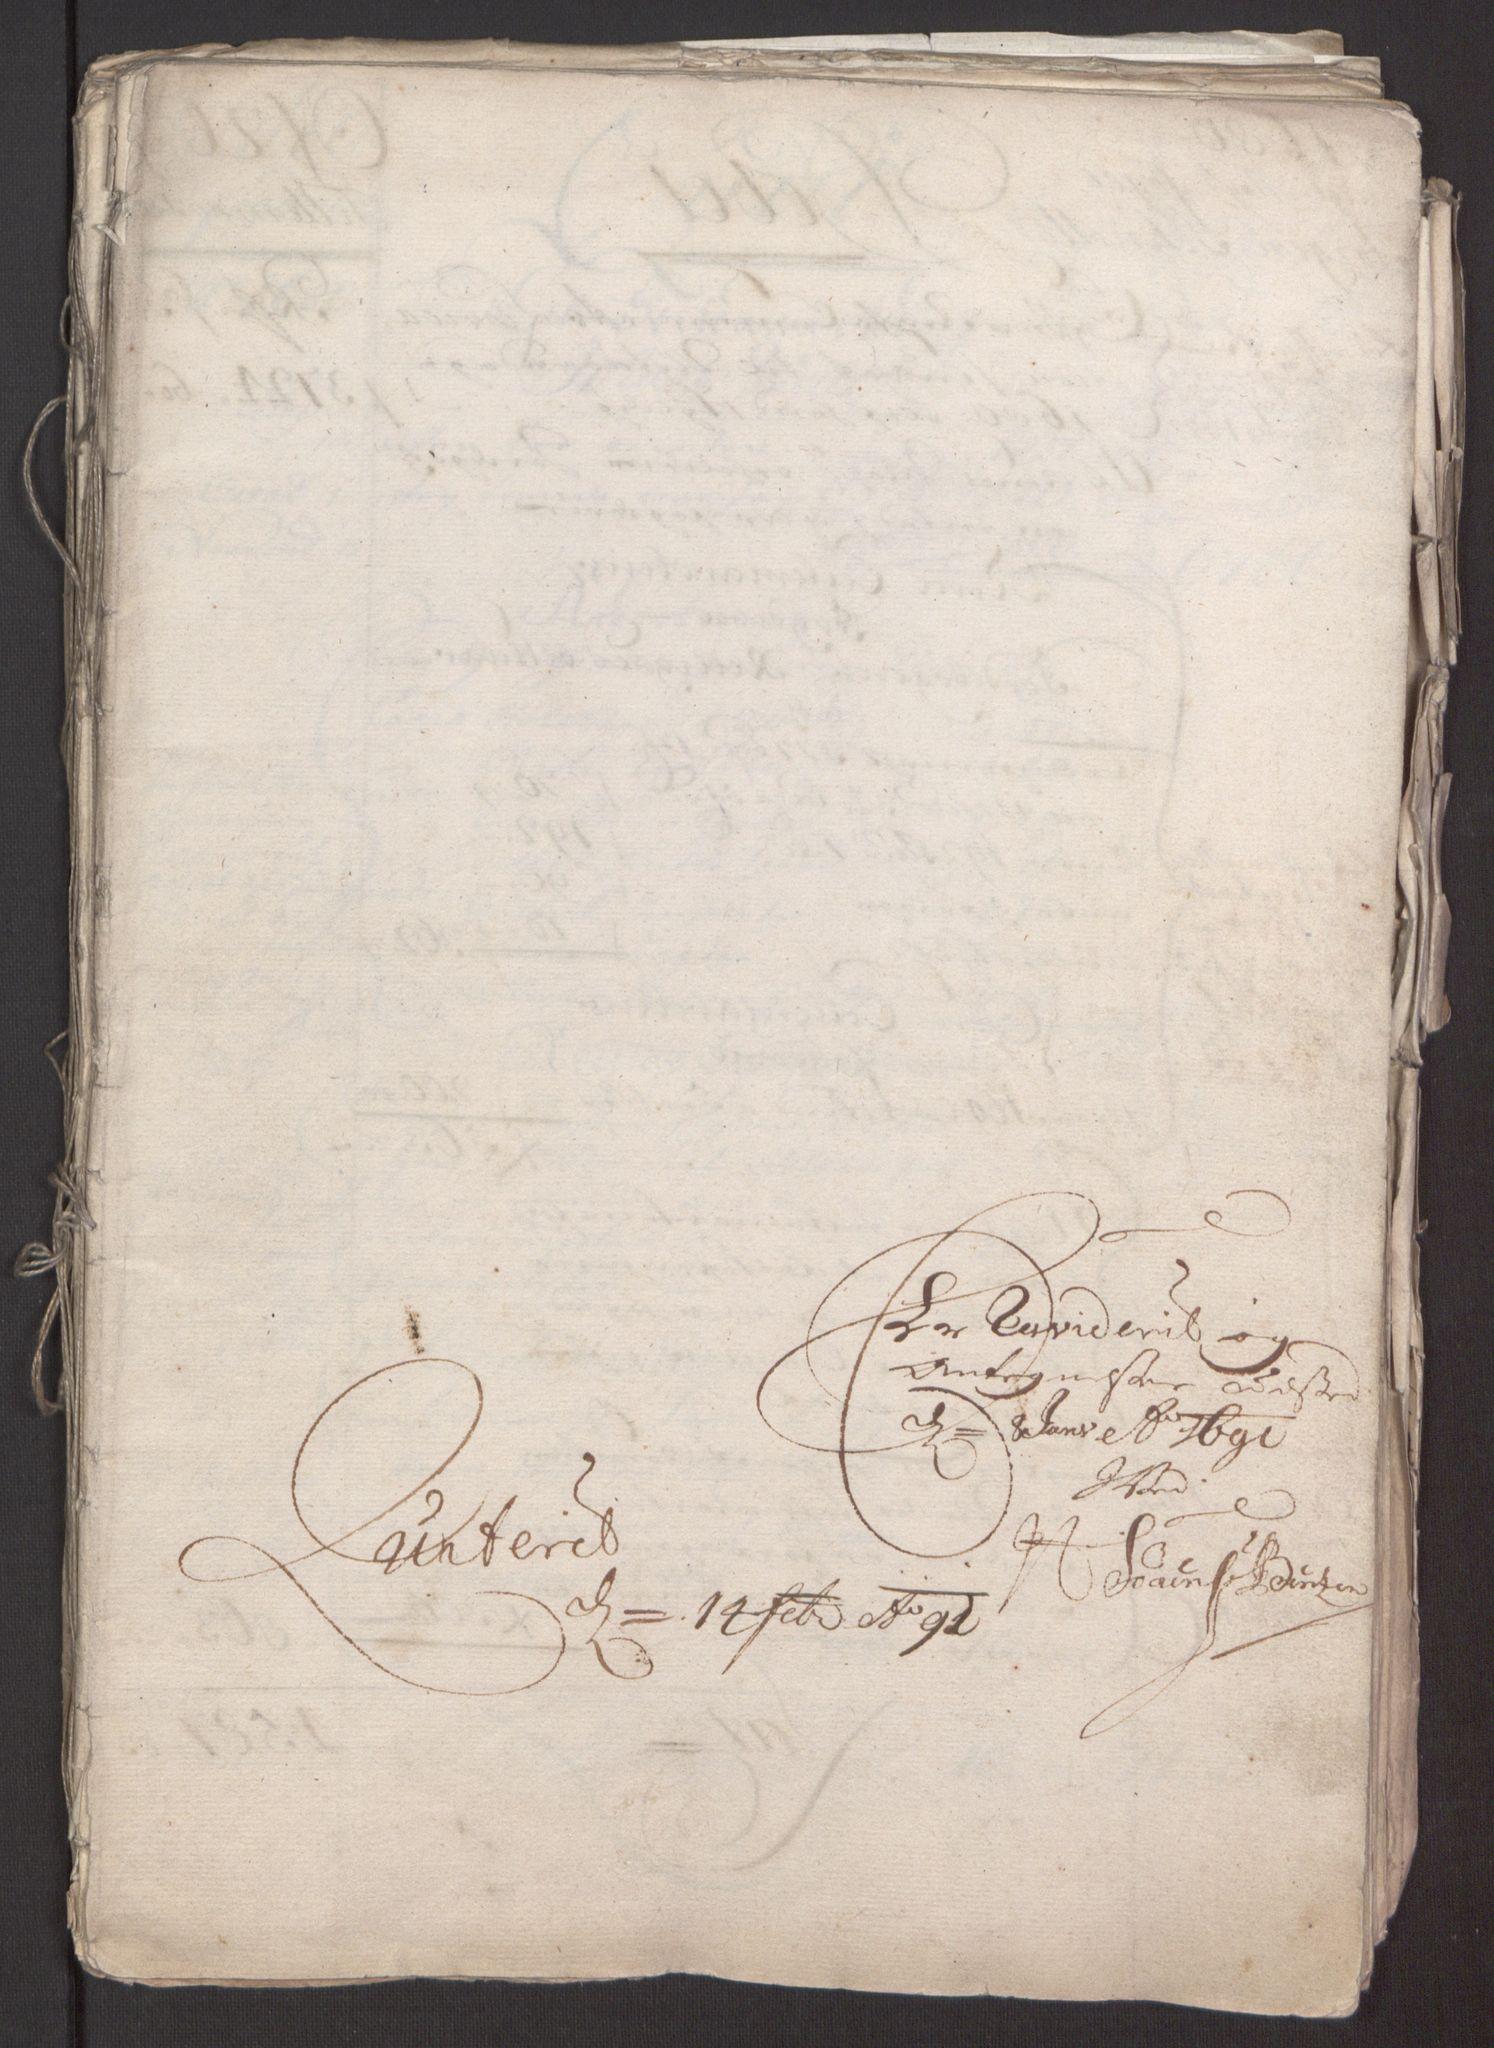 RA, Rentekammeret inntil 1814, Reviderte regnskaper, Fogderegnskap, R35/L2075: Fogderegnskap Øvre og Nedre Telemark, 1680-1684, s. 3